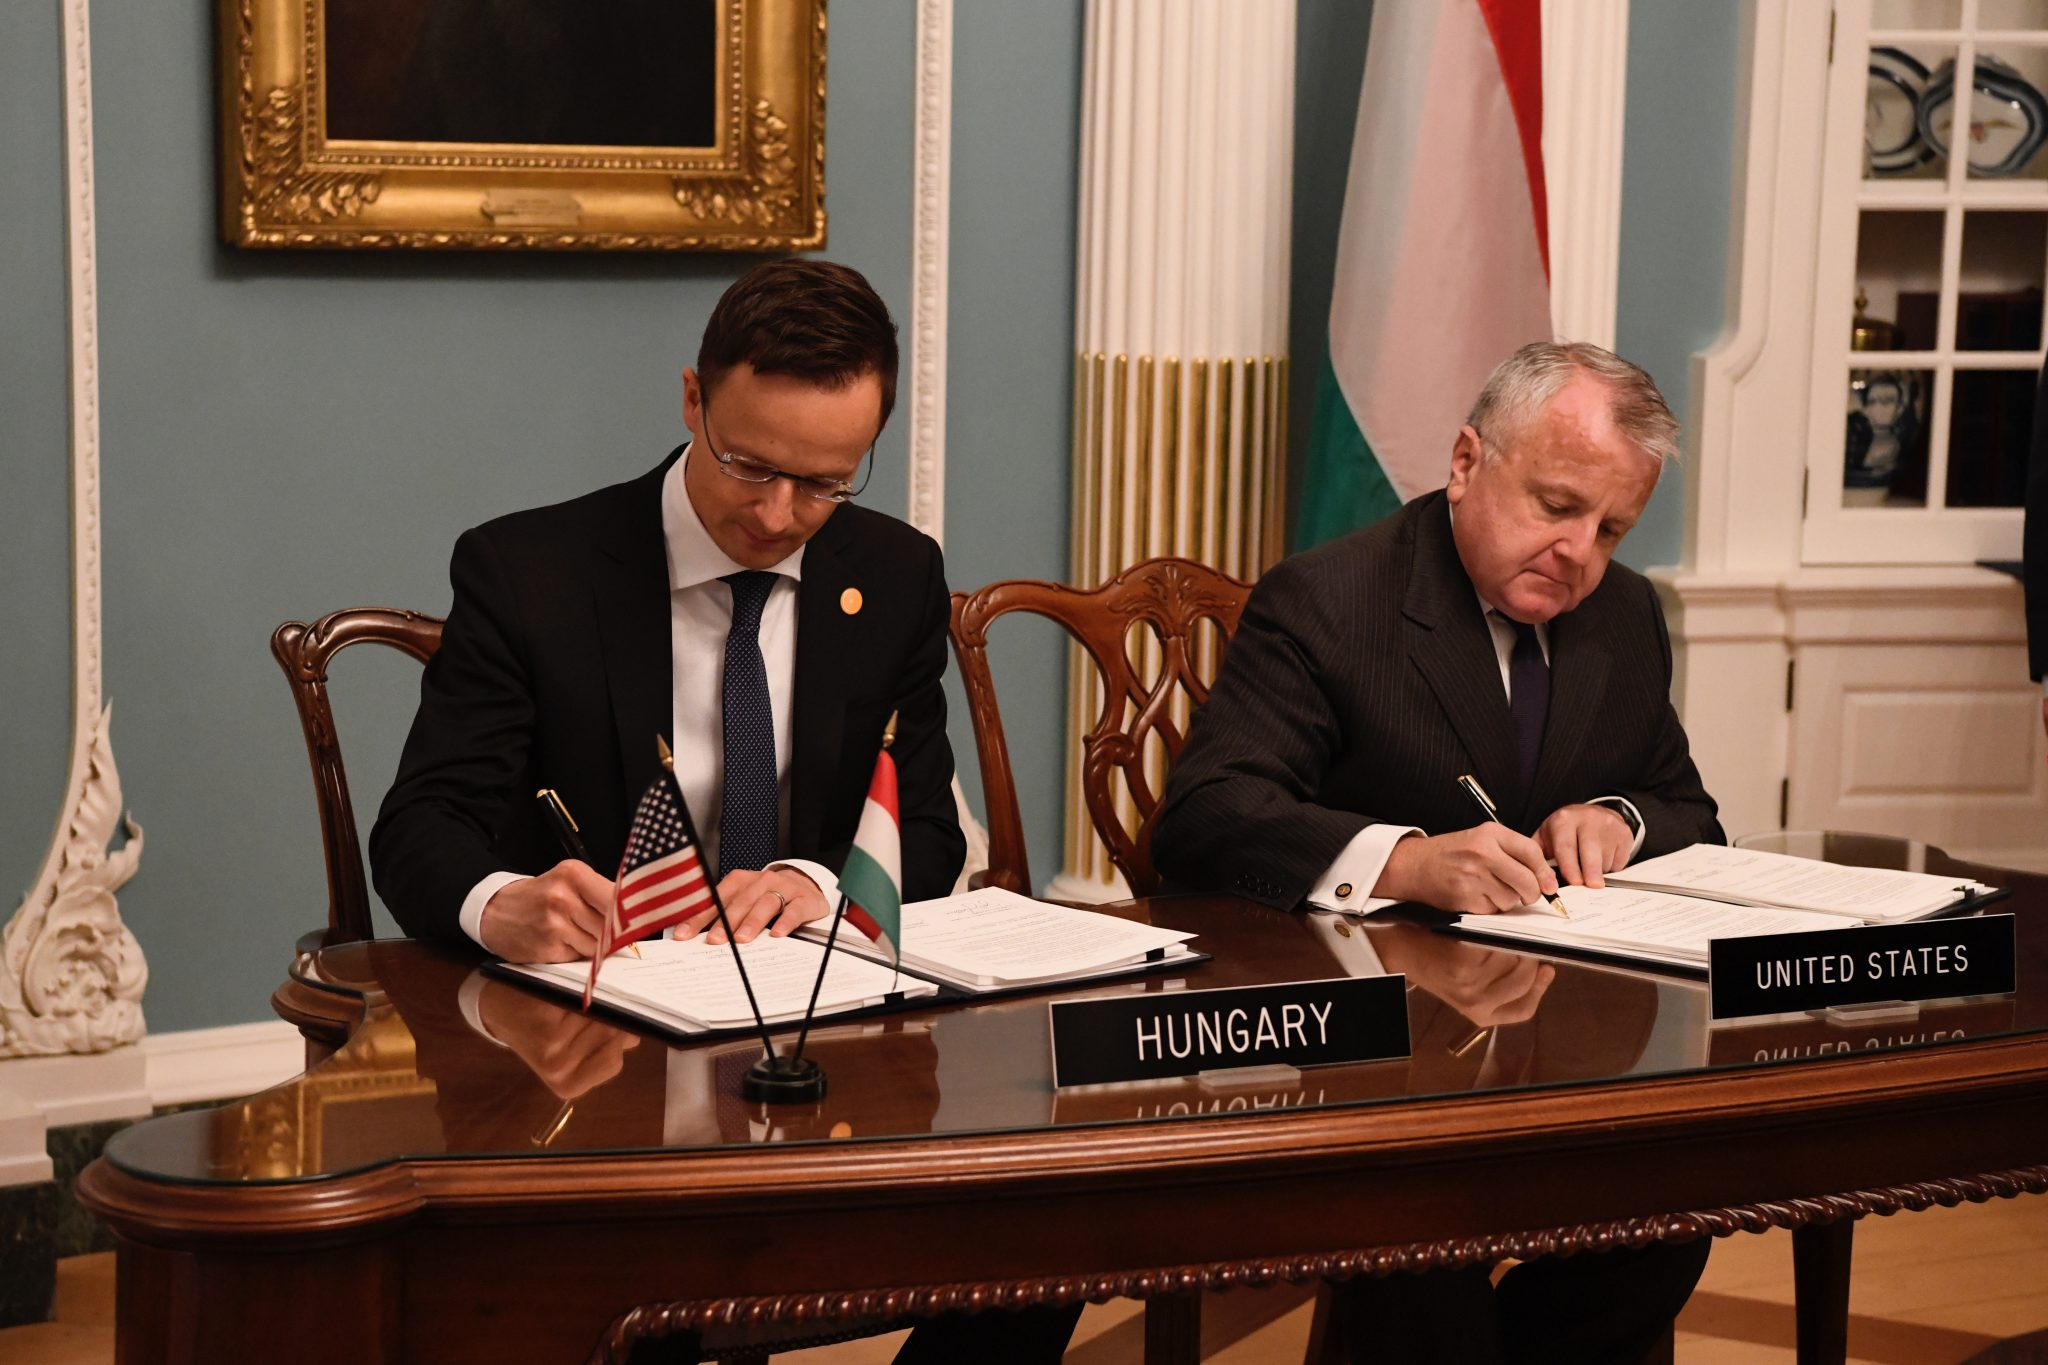 ДЭВИД Б. CORNSTEIN  ОБОРОНЫ  ПИТЕР СЗИЖЖАРТО  США ВЕНГРИЯ ОТНОШЕНИЯ  Венгрия и США подписали пакт о сотрудничестве в области обороны